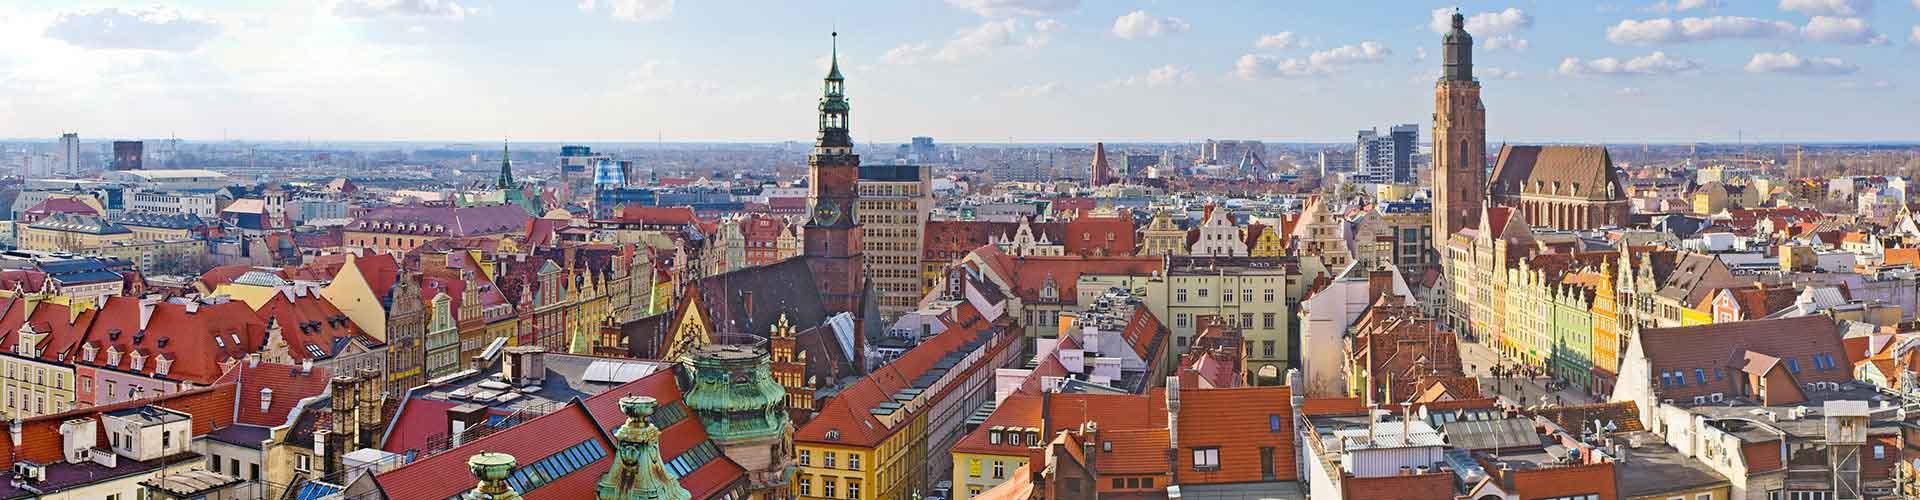 Wroclaw - Ifjúsági Szállások Wroclawben. Wroclaw térképek, fotók és ajánlások minden egyes ifjúsági szállásokra Wroclaw-ben.